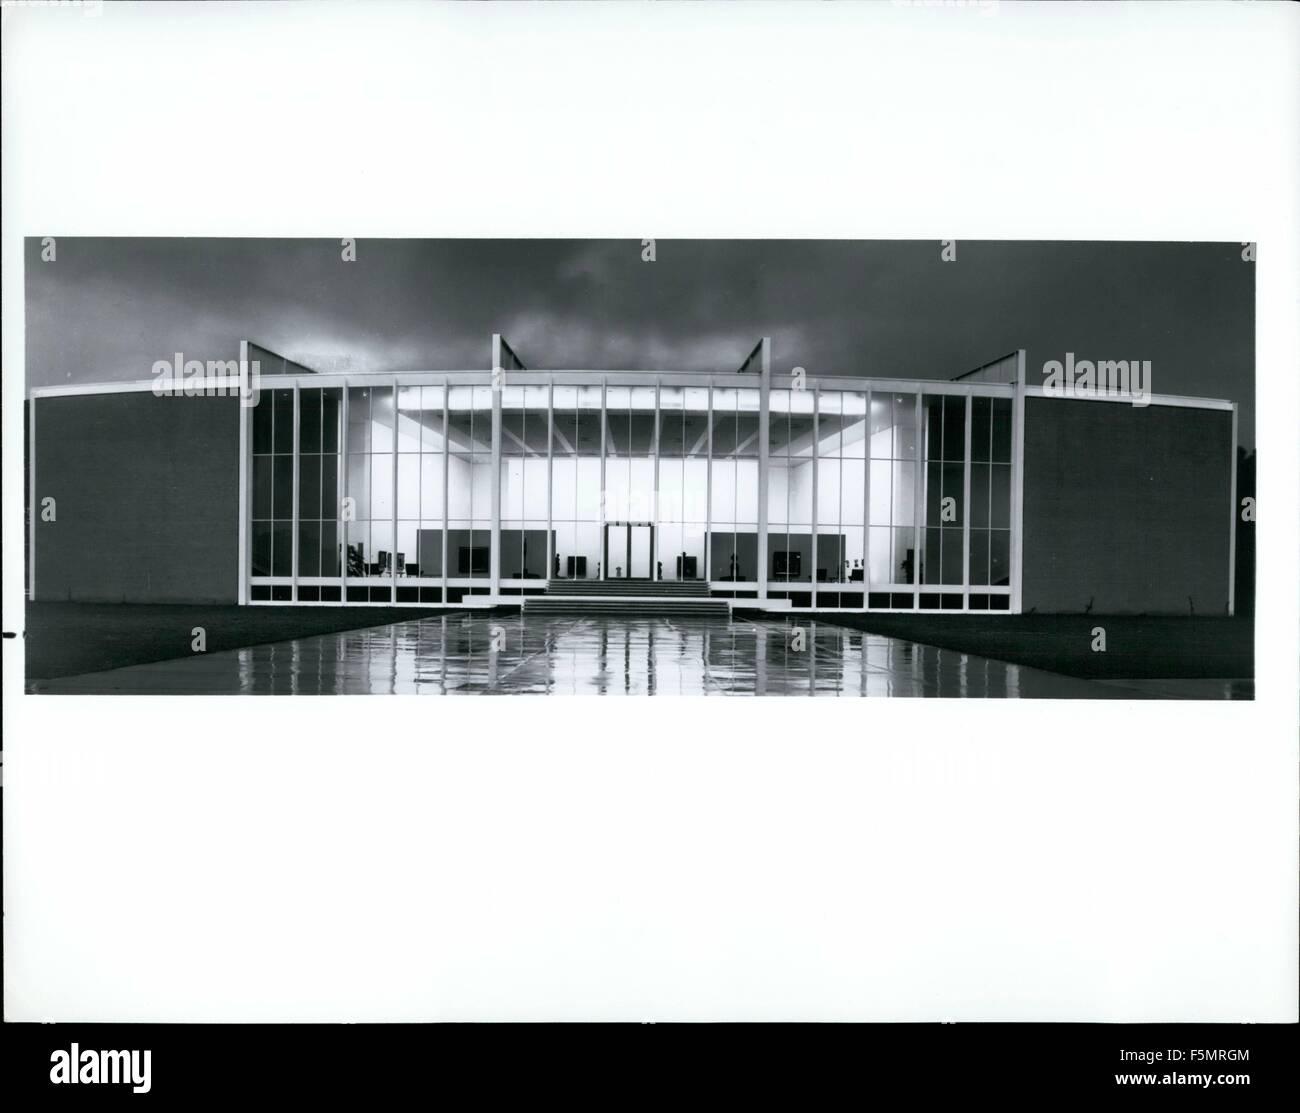 Mies Van Der Rohe Design Philosophy.1972 Giant Of The Skyline Mies Van Der Rohe Museum Of Fine